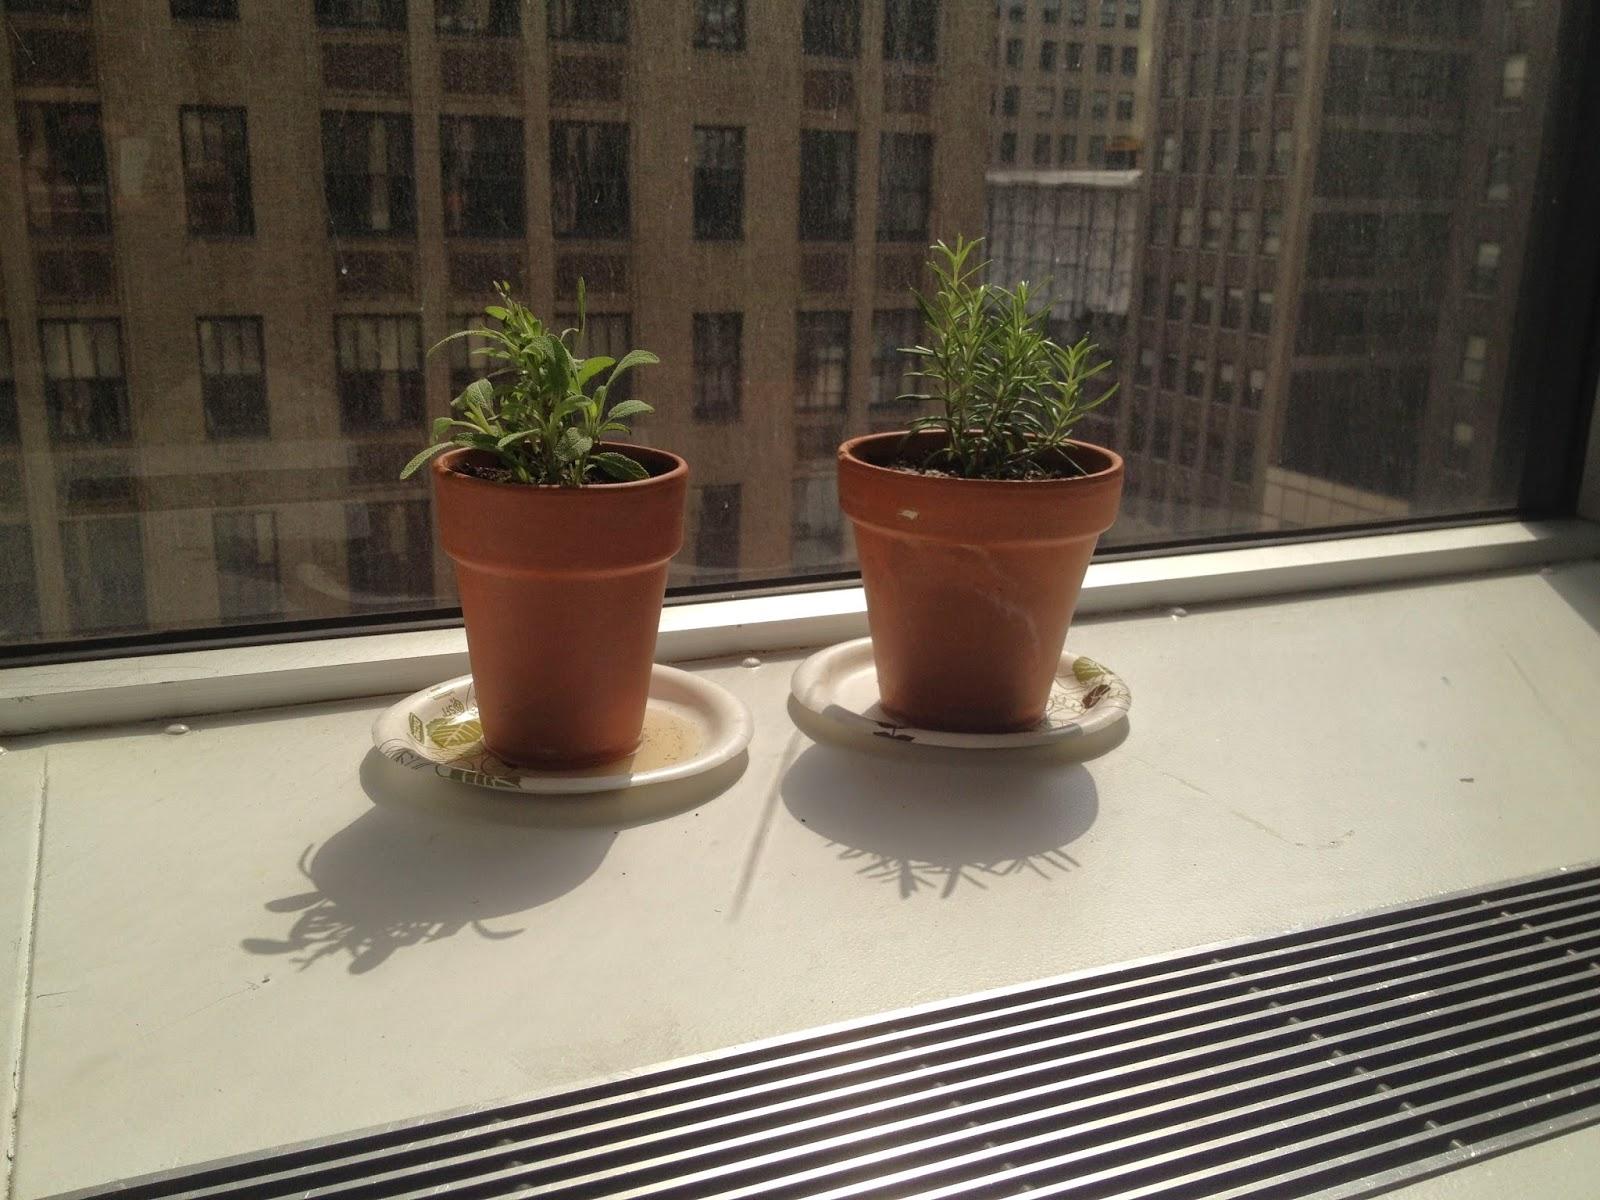 The Aerogarden Ultra dies, Pesto, and Old-school Indoor Gardening ...